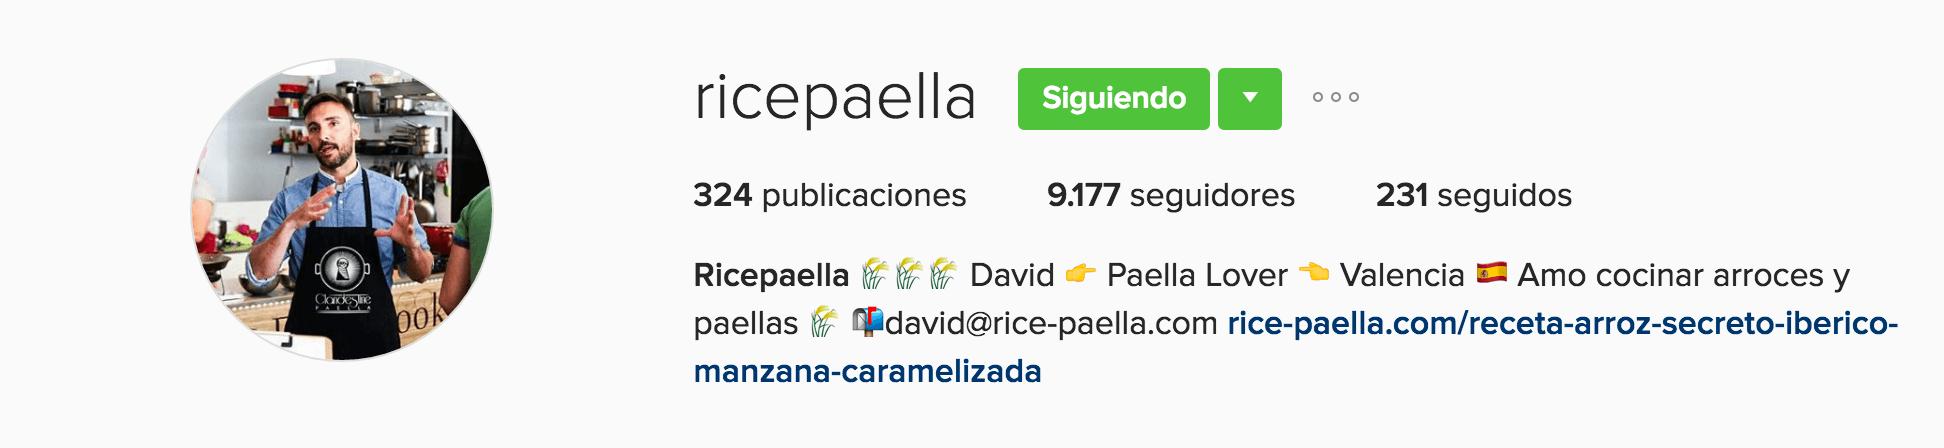 ricepaella usos de instagram para empresas